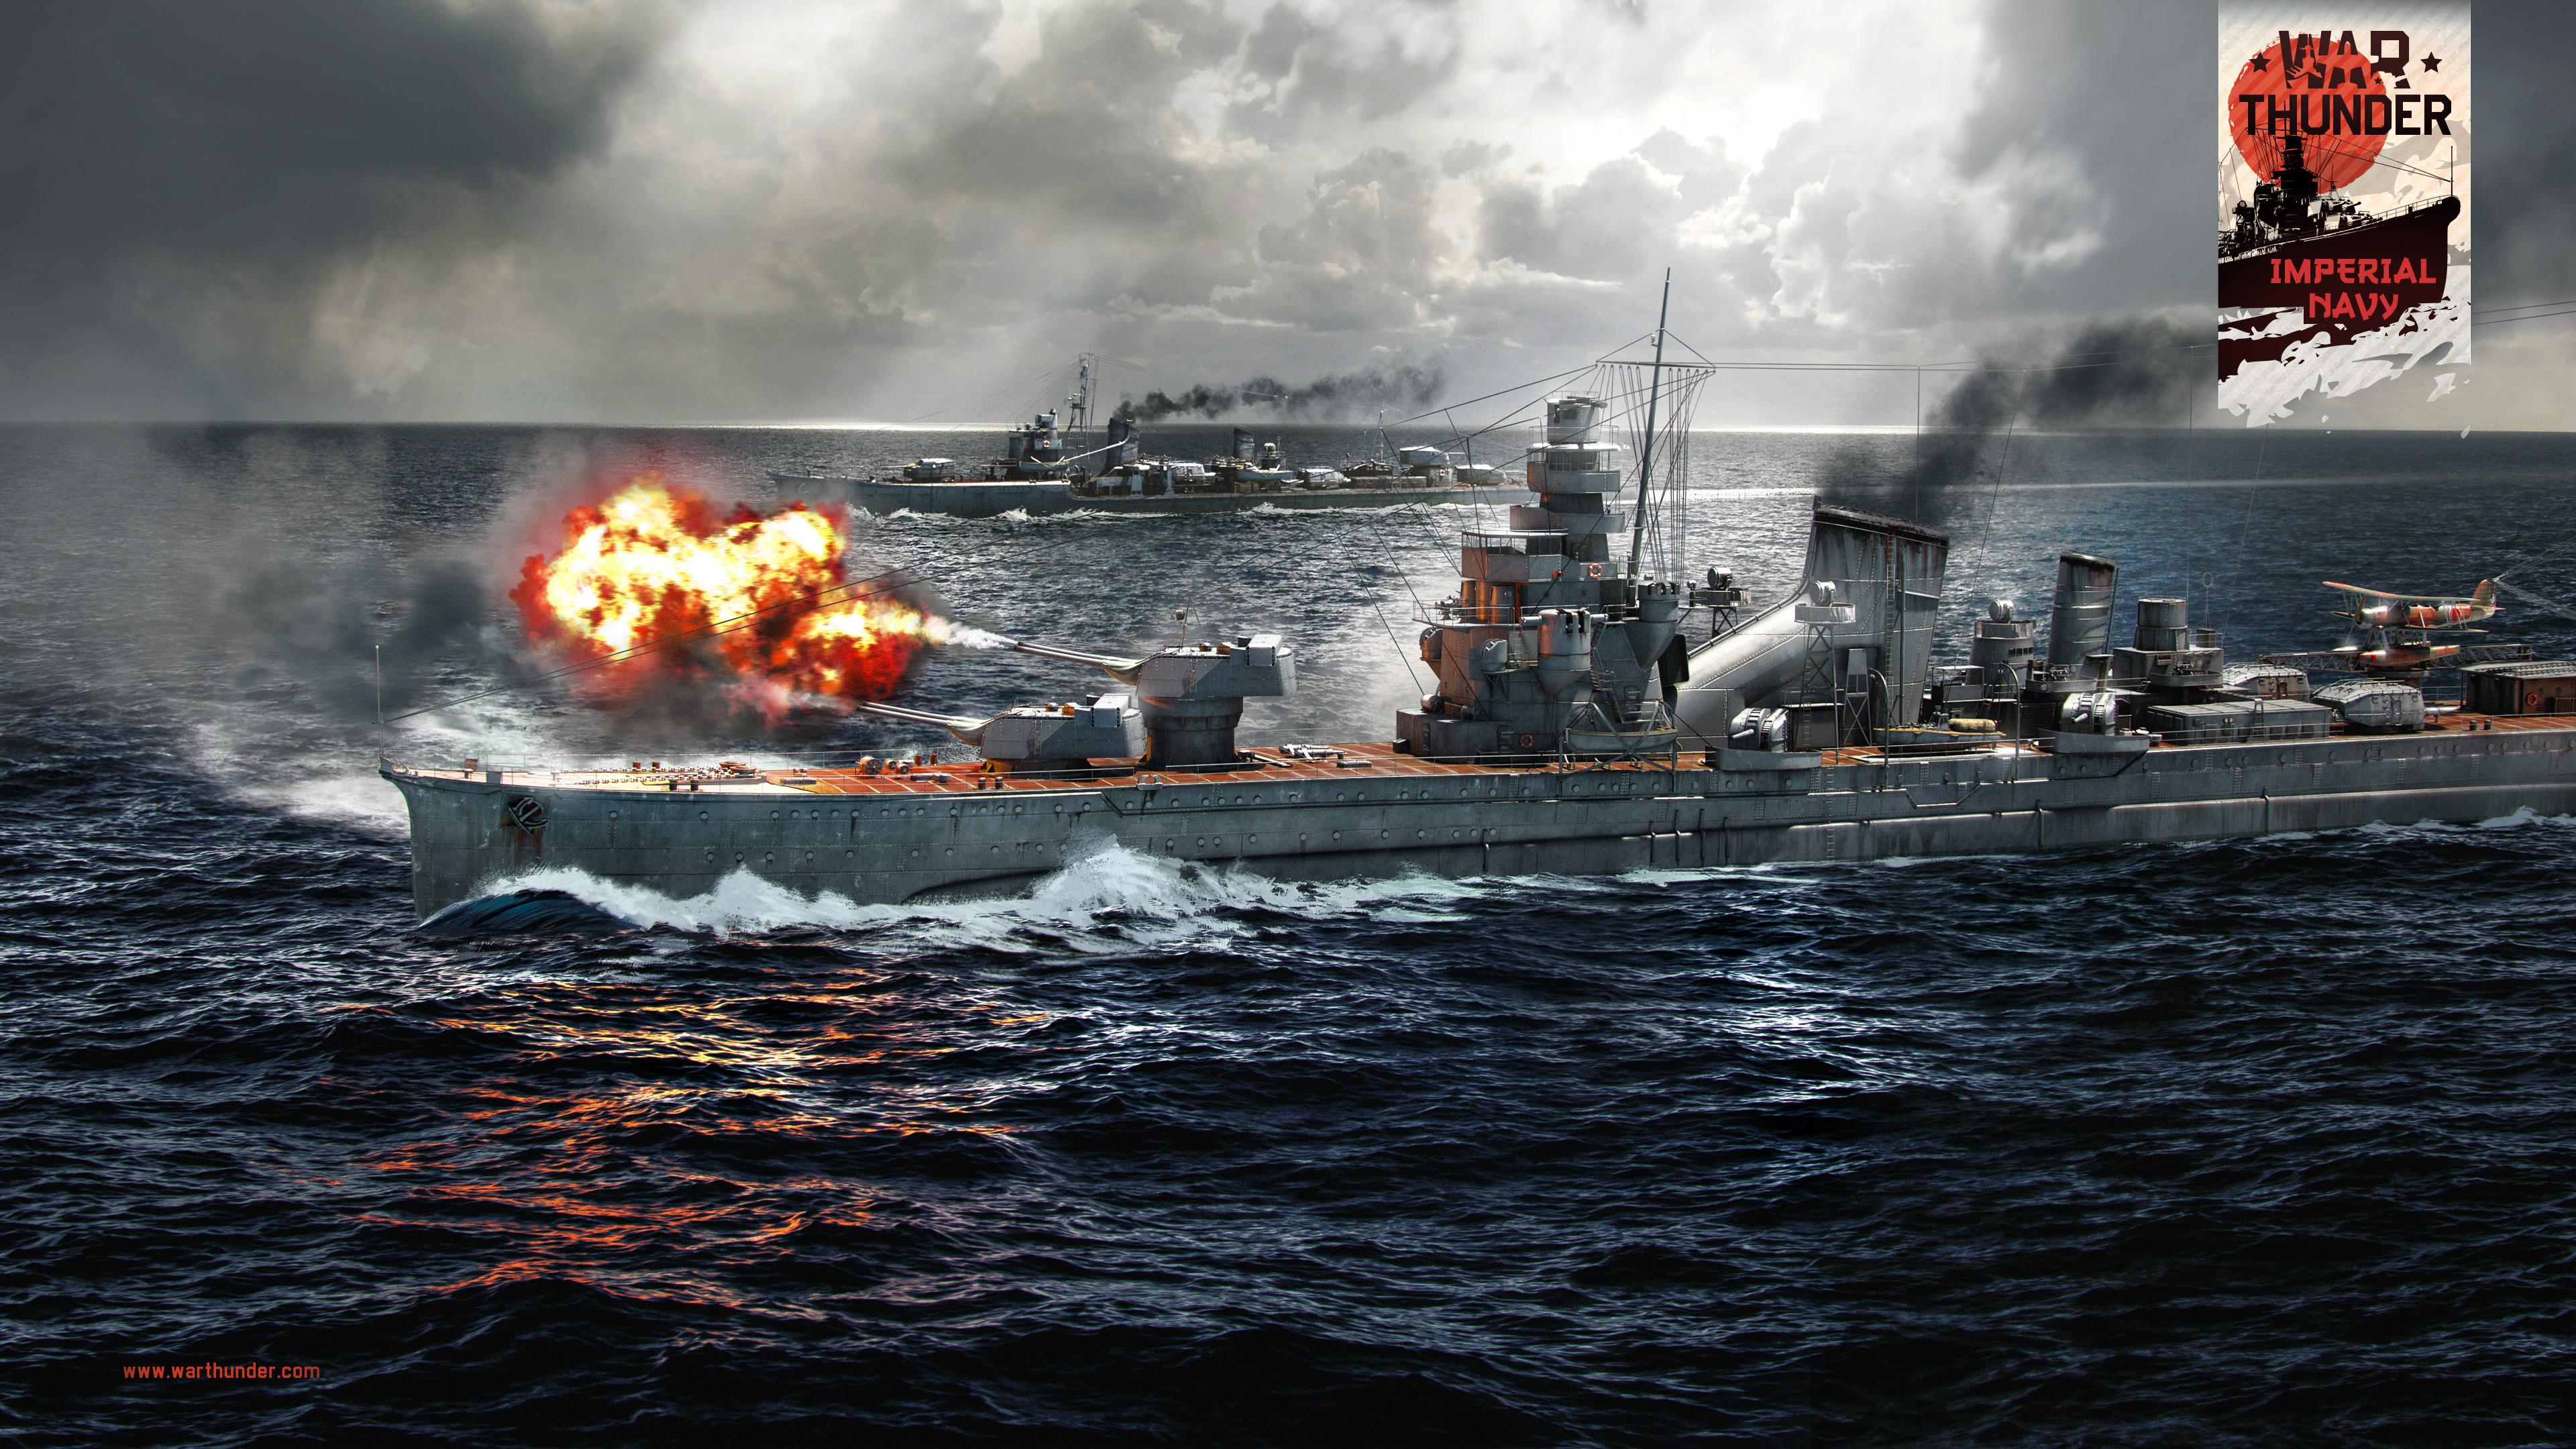 パッチノート 大型アップデート1 89 帝国海軍 Imperial Navy